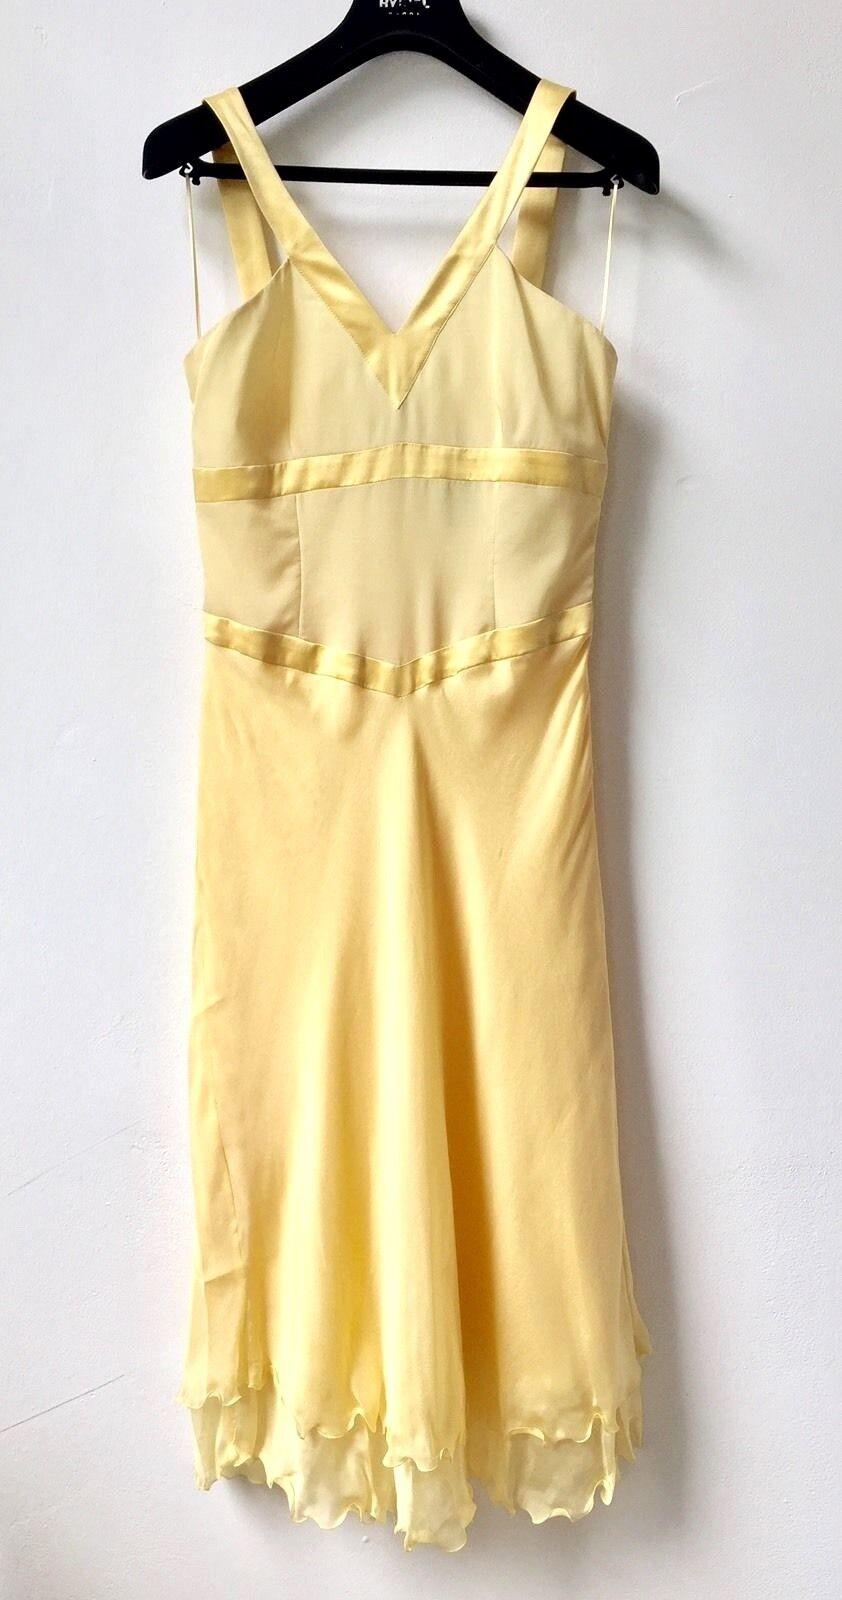 ROBERTO VERINO 100% Seide Kleid Gr 38 Gelb Freizeitkleid Abendkleid